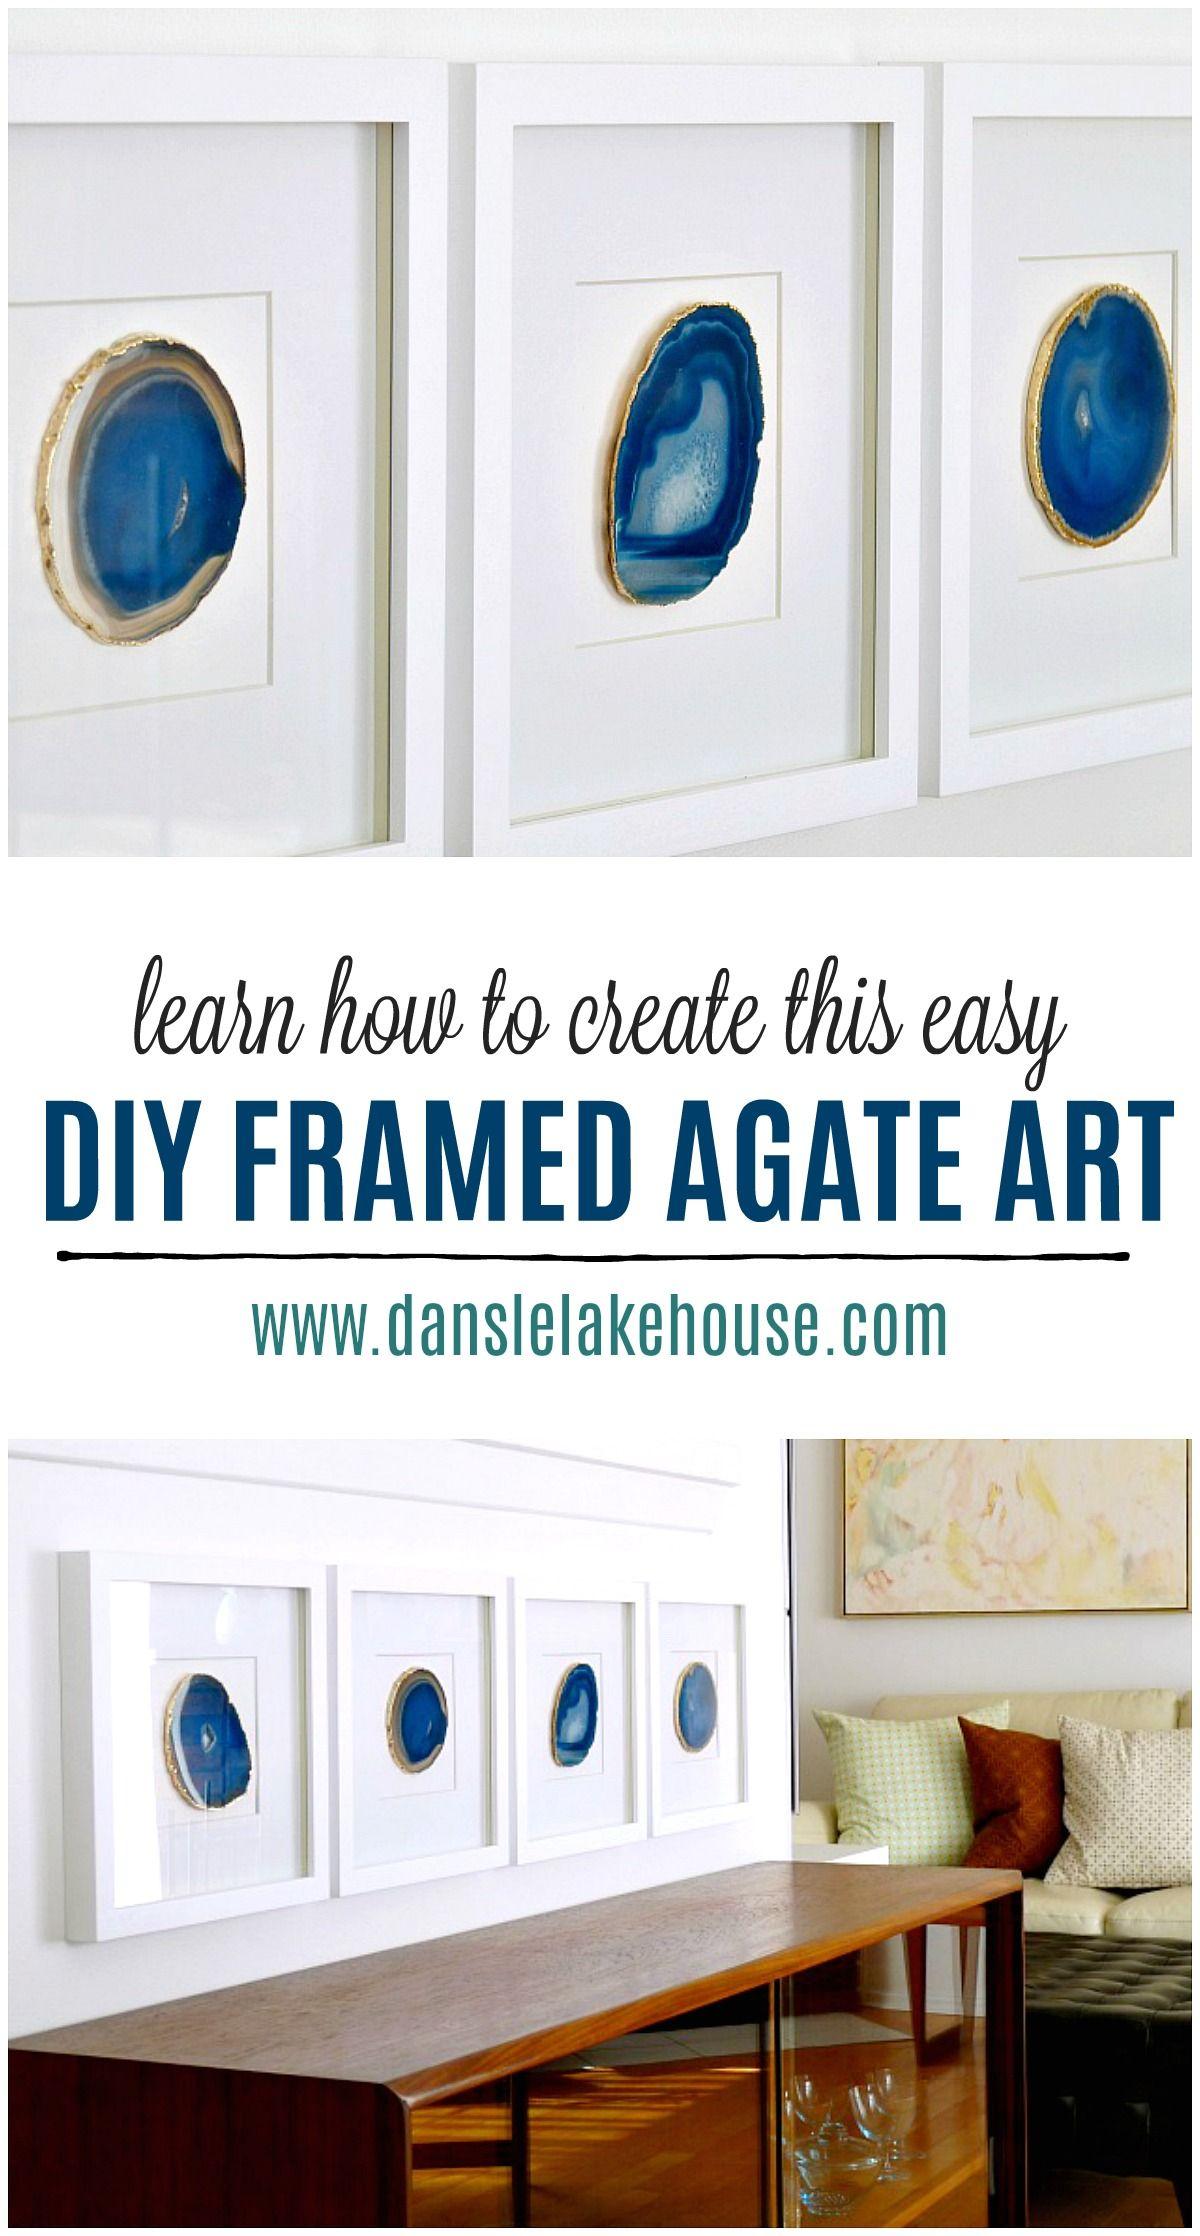 diy agate art framed blue agate slices dans le lakehouse.htm diy agate art framed agate slices diy artwork  diy wall art  diy wall art